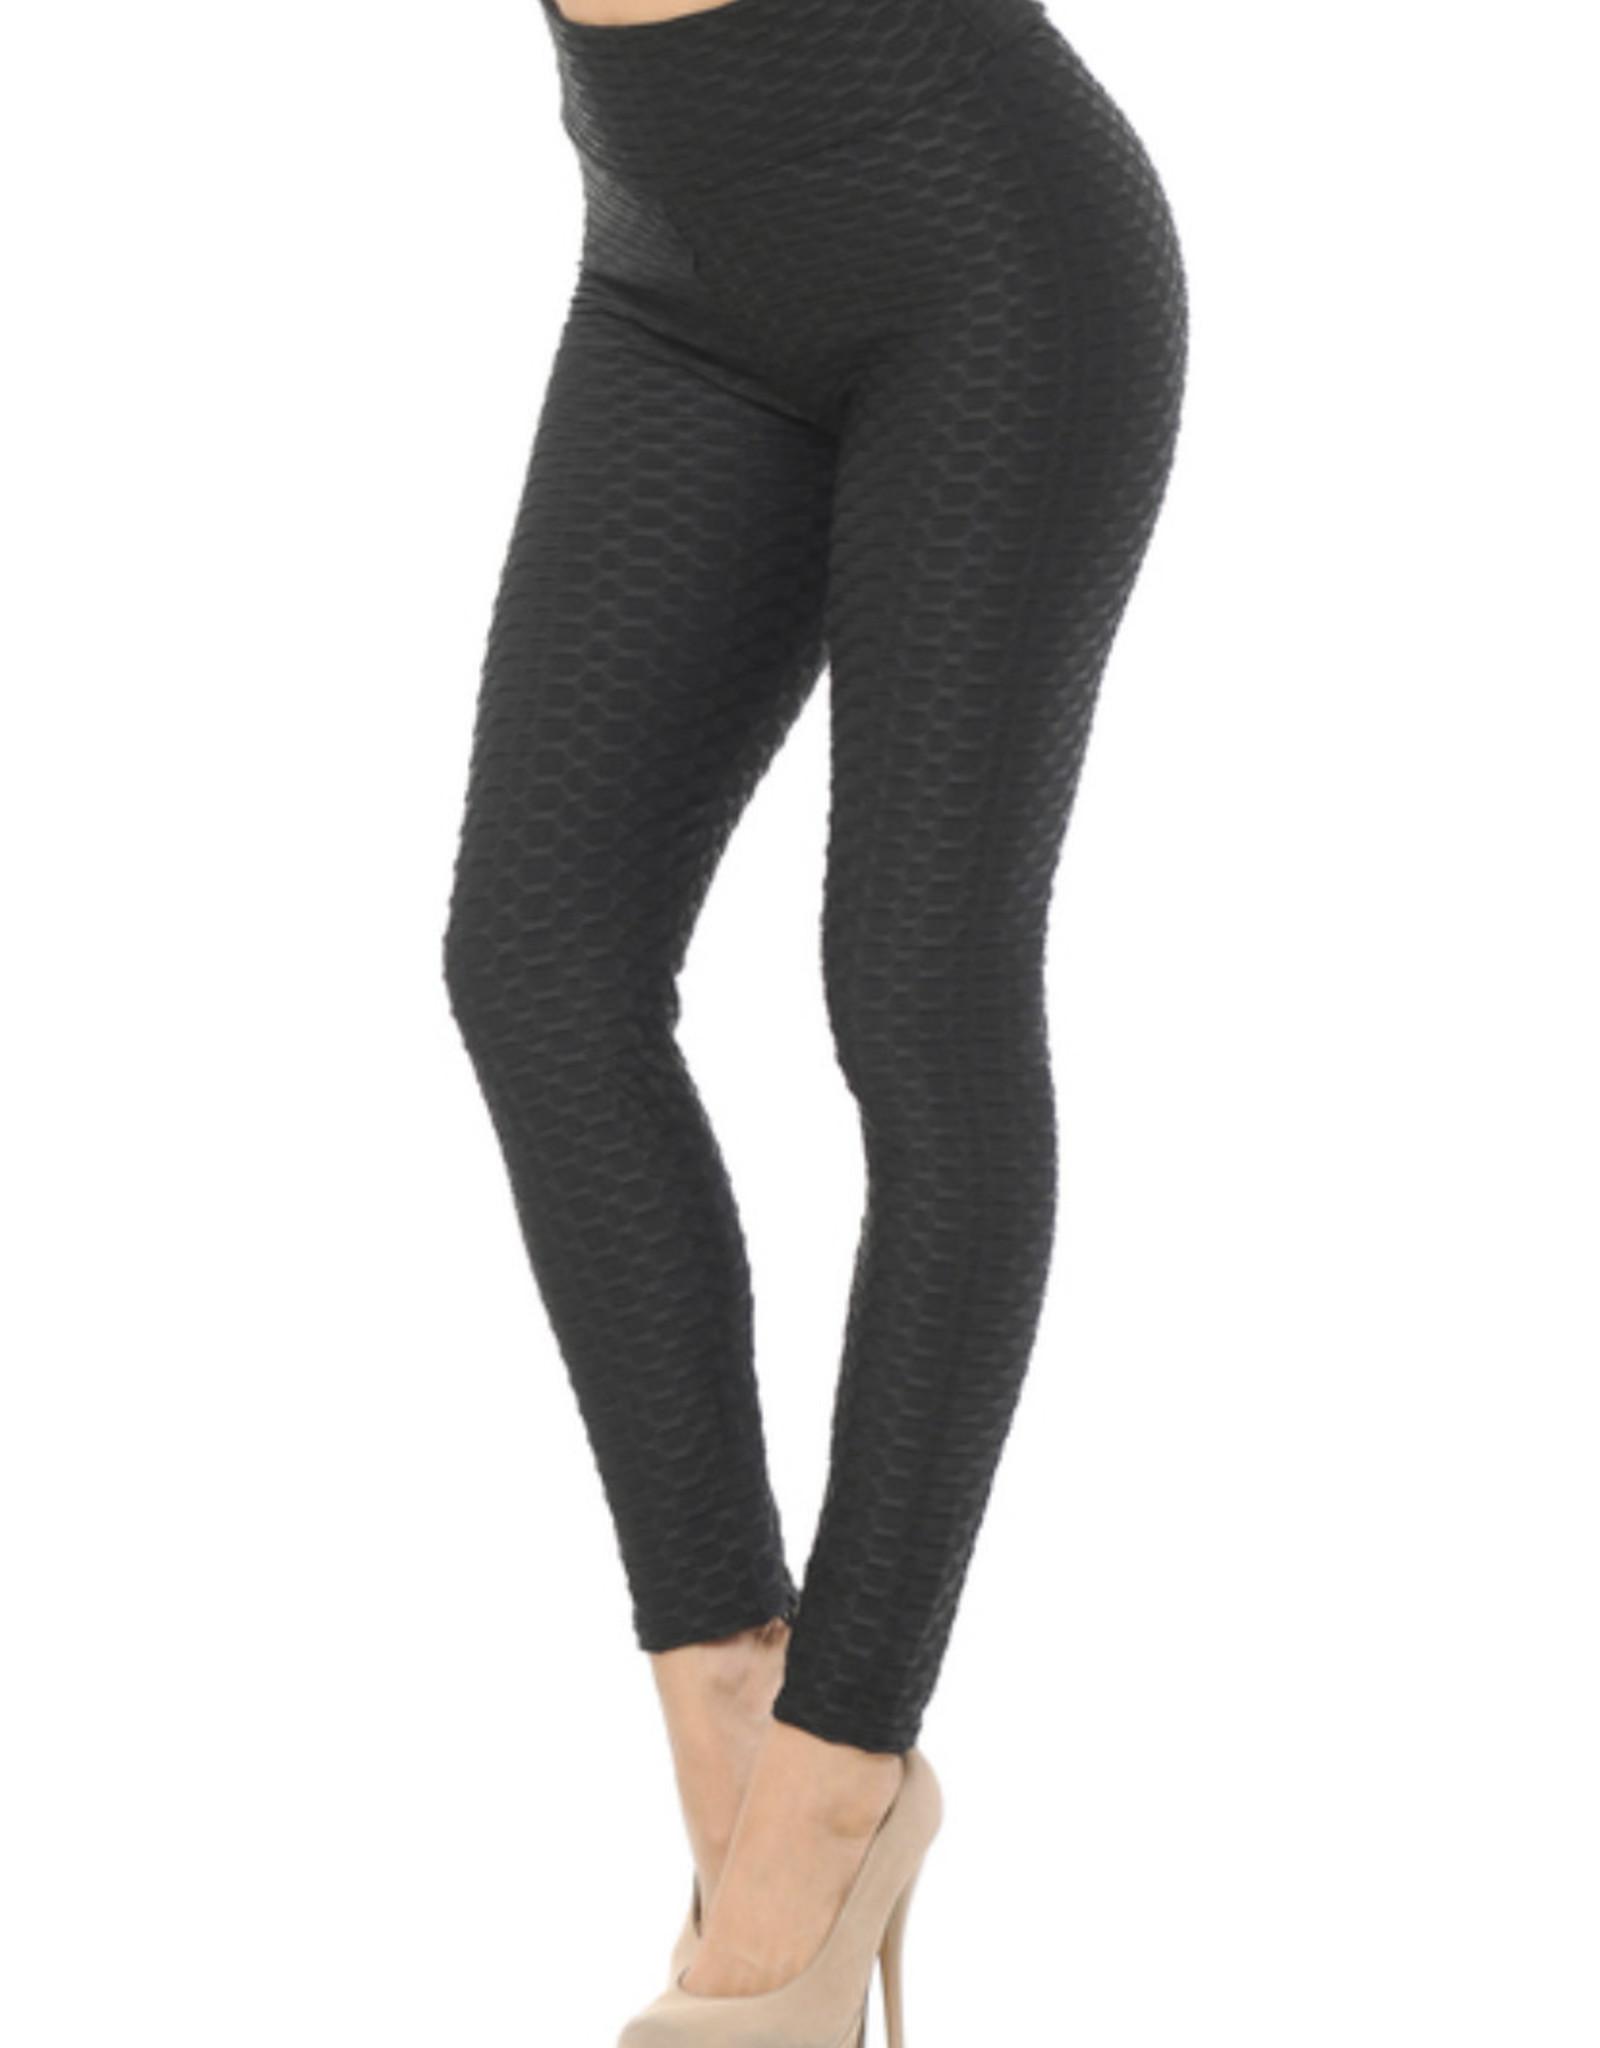 TLC Scrunch Butt Textured High Waisted Leggings